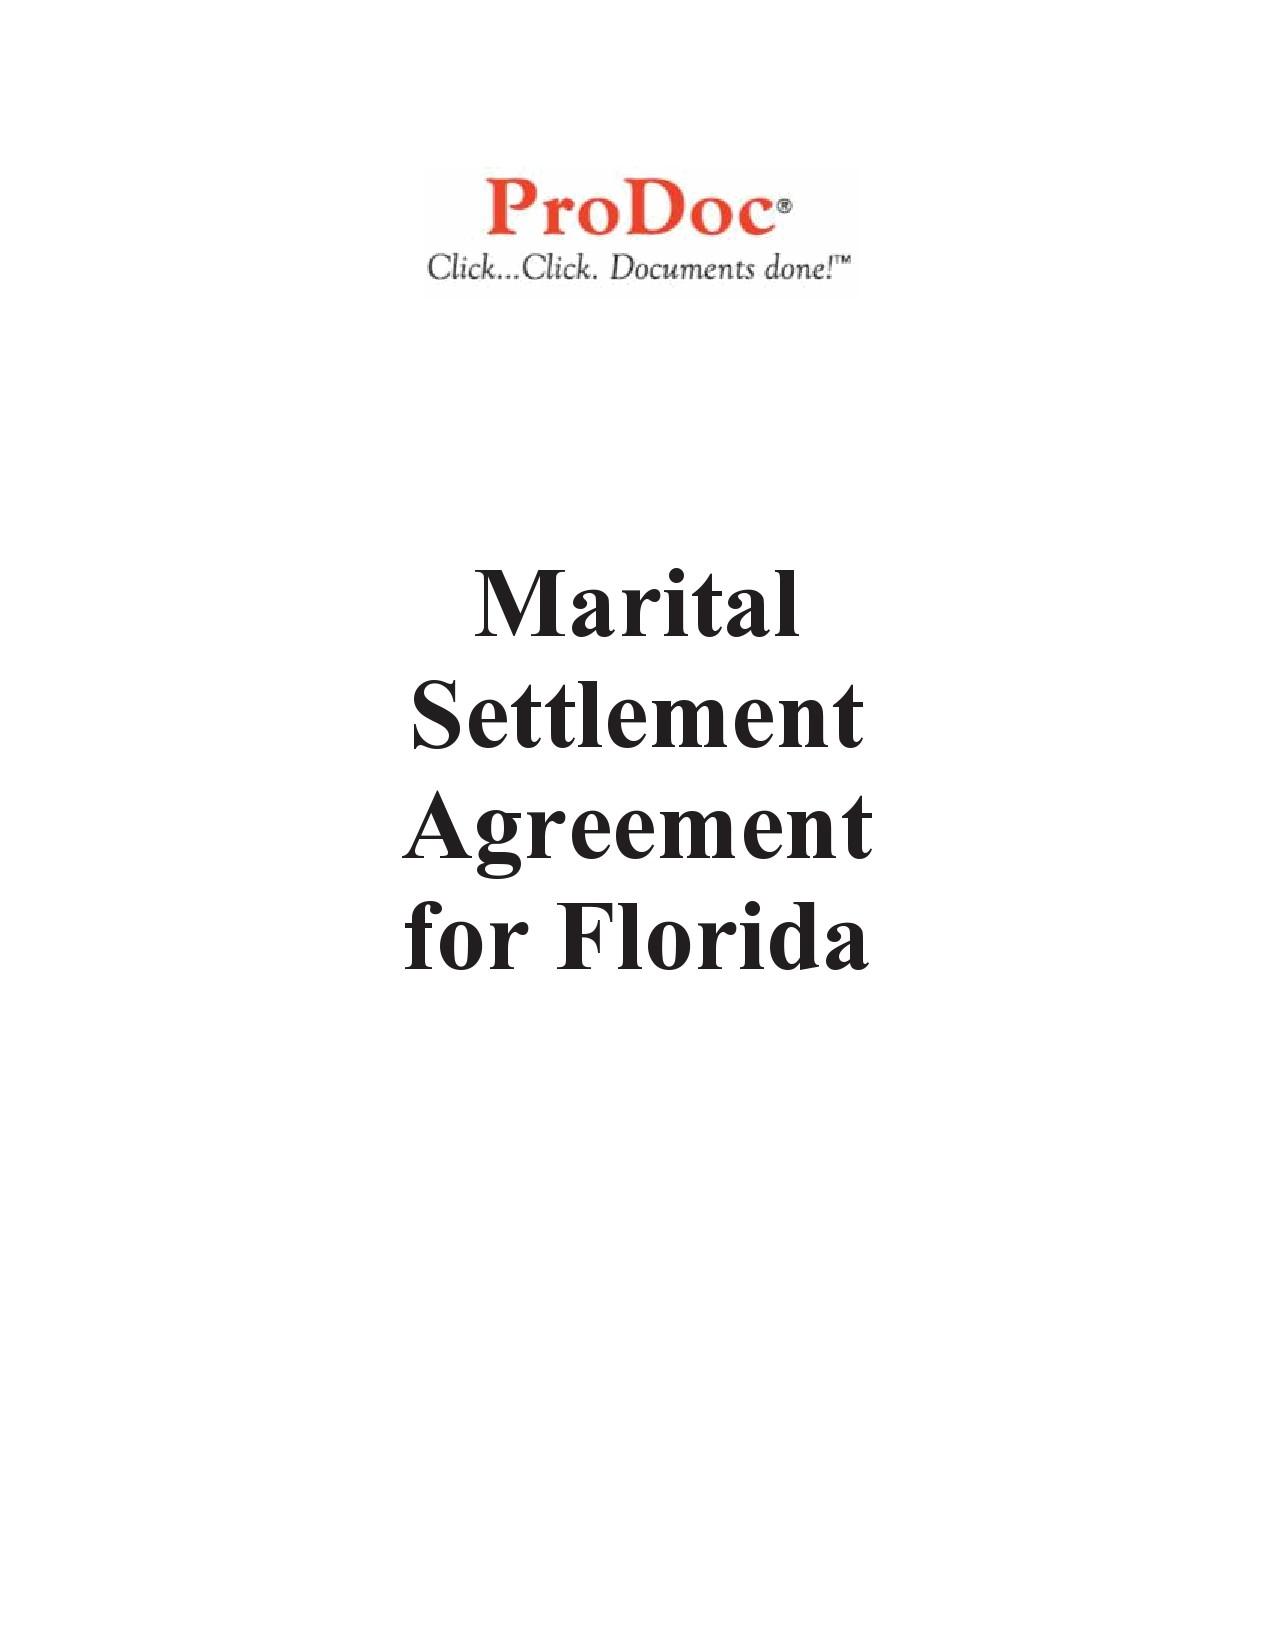 Free marital settlement agreement 19